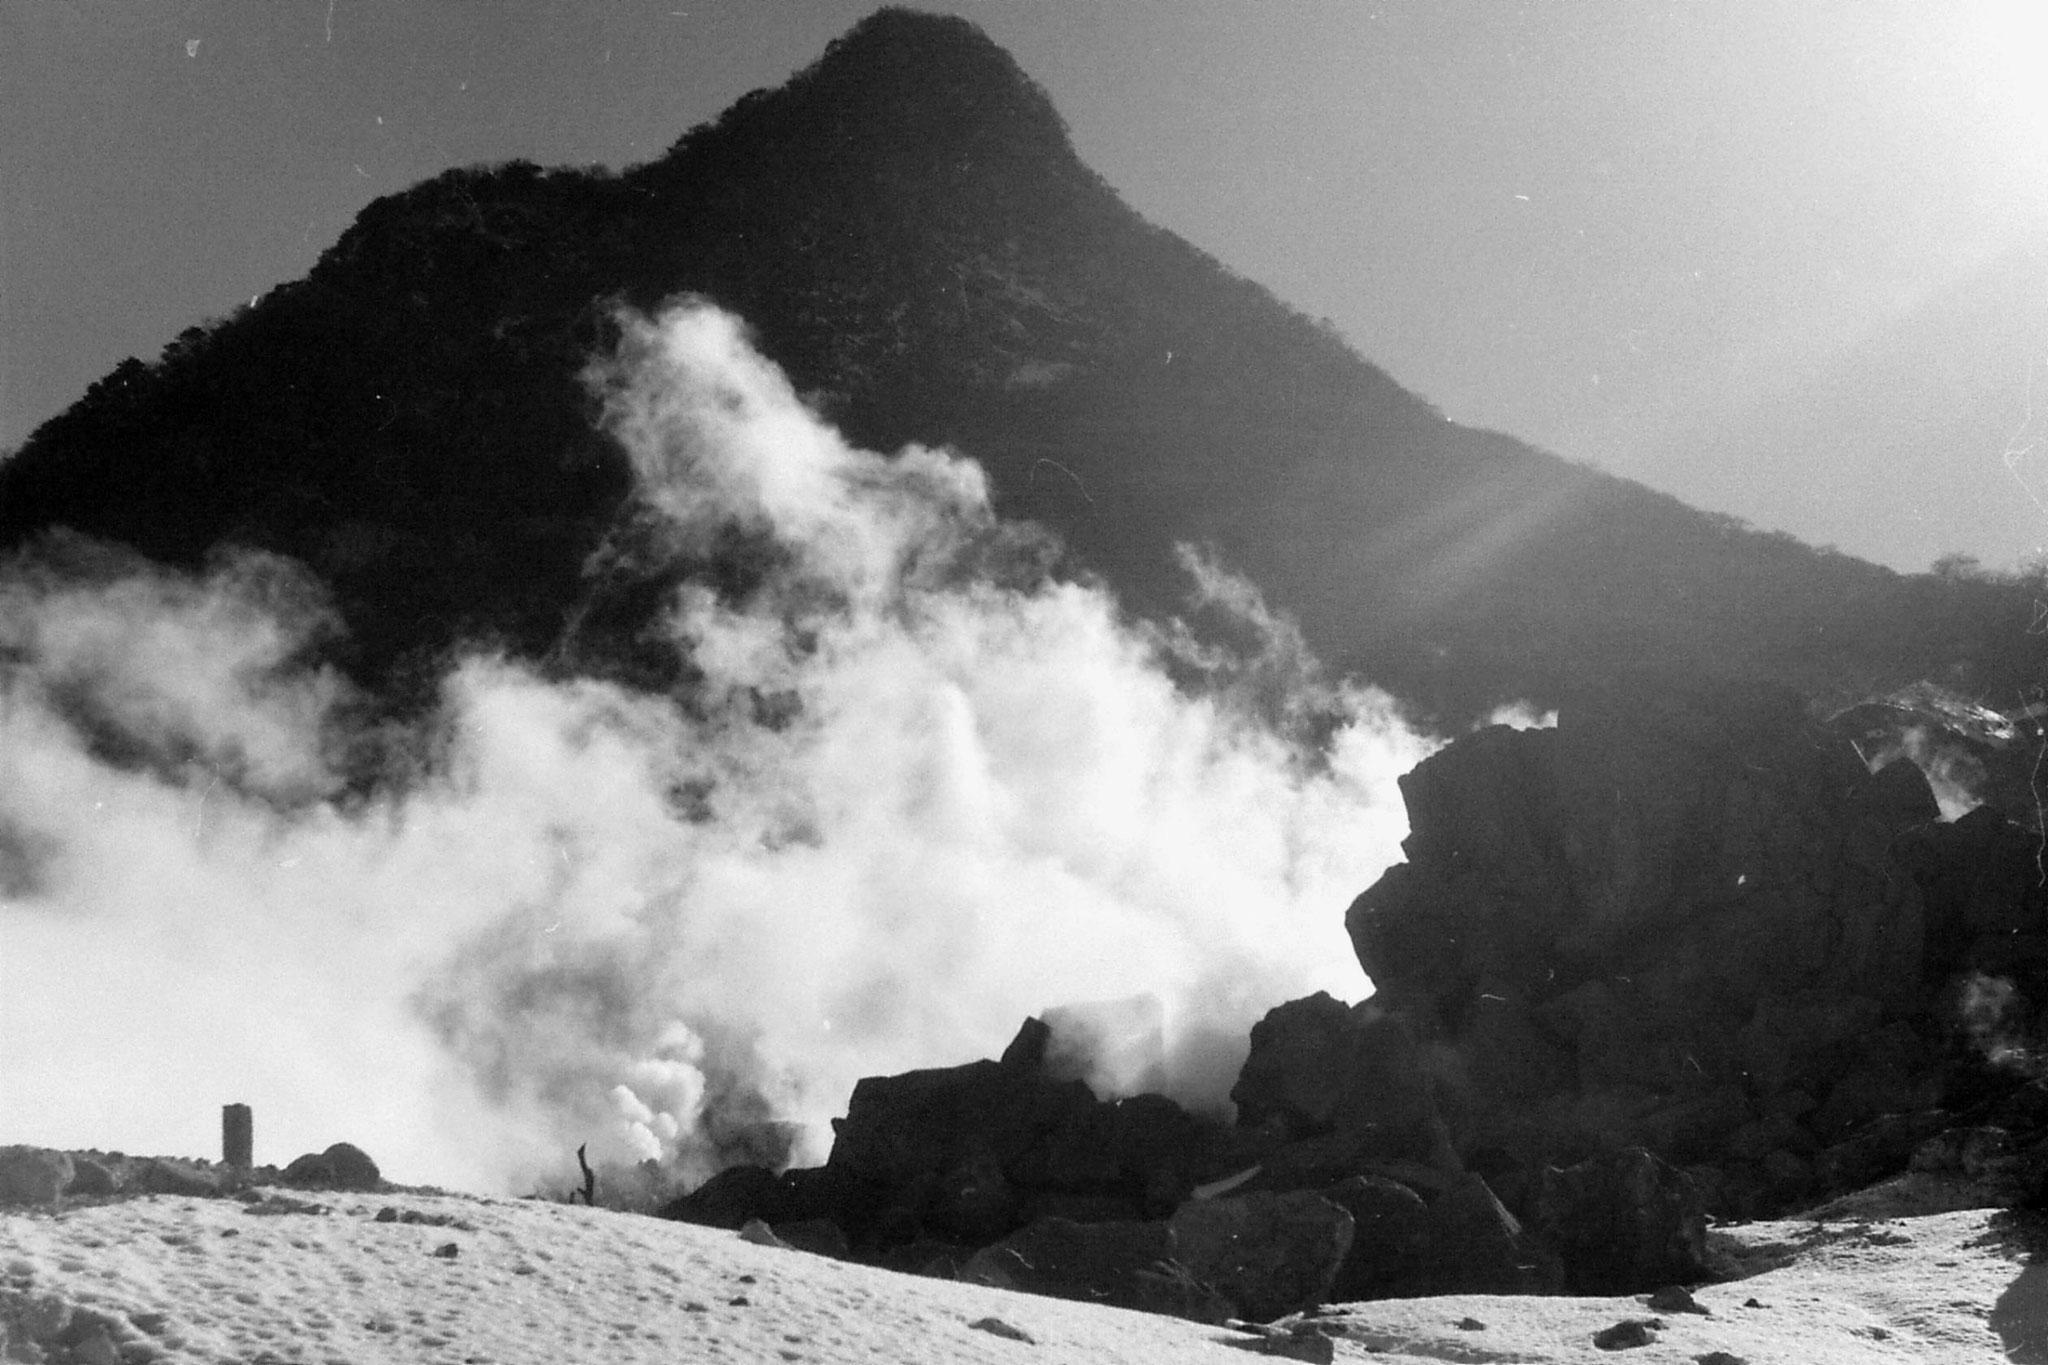 28/1/1989: 27:hot springs